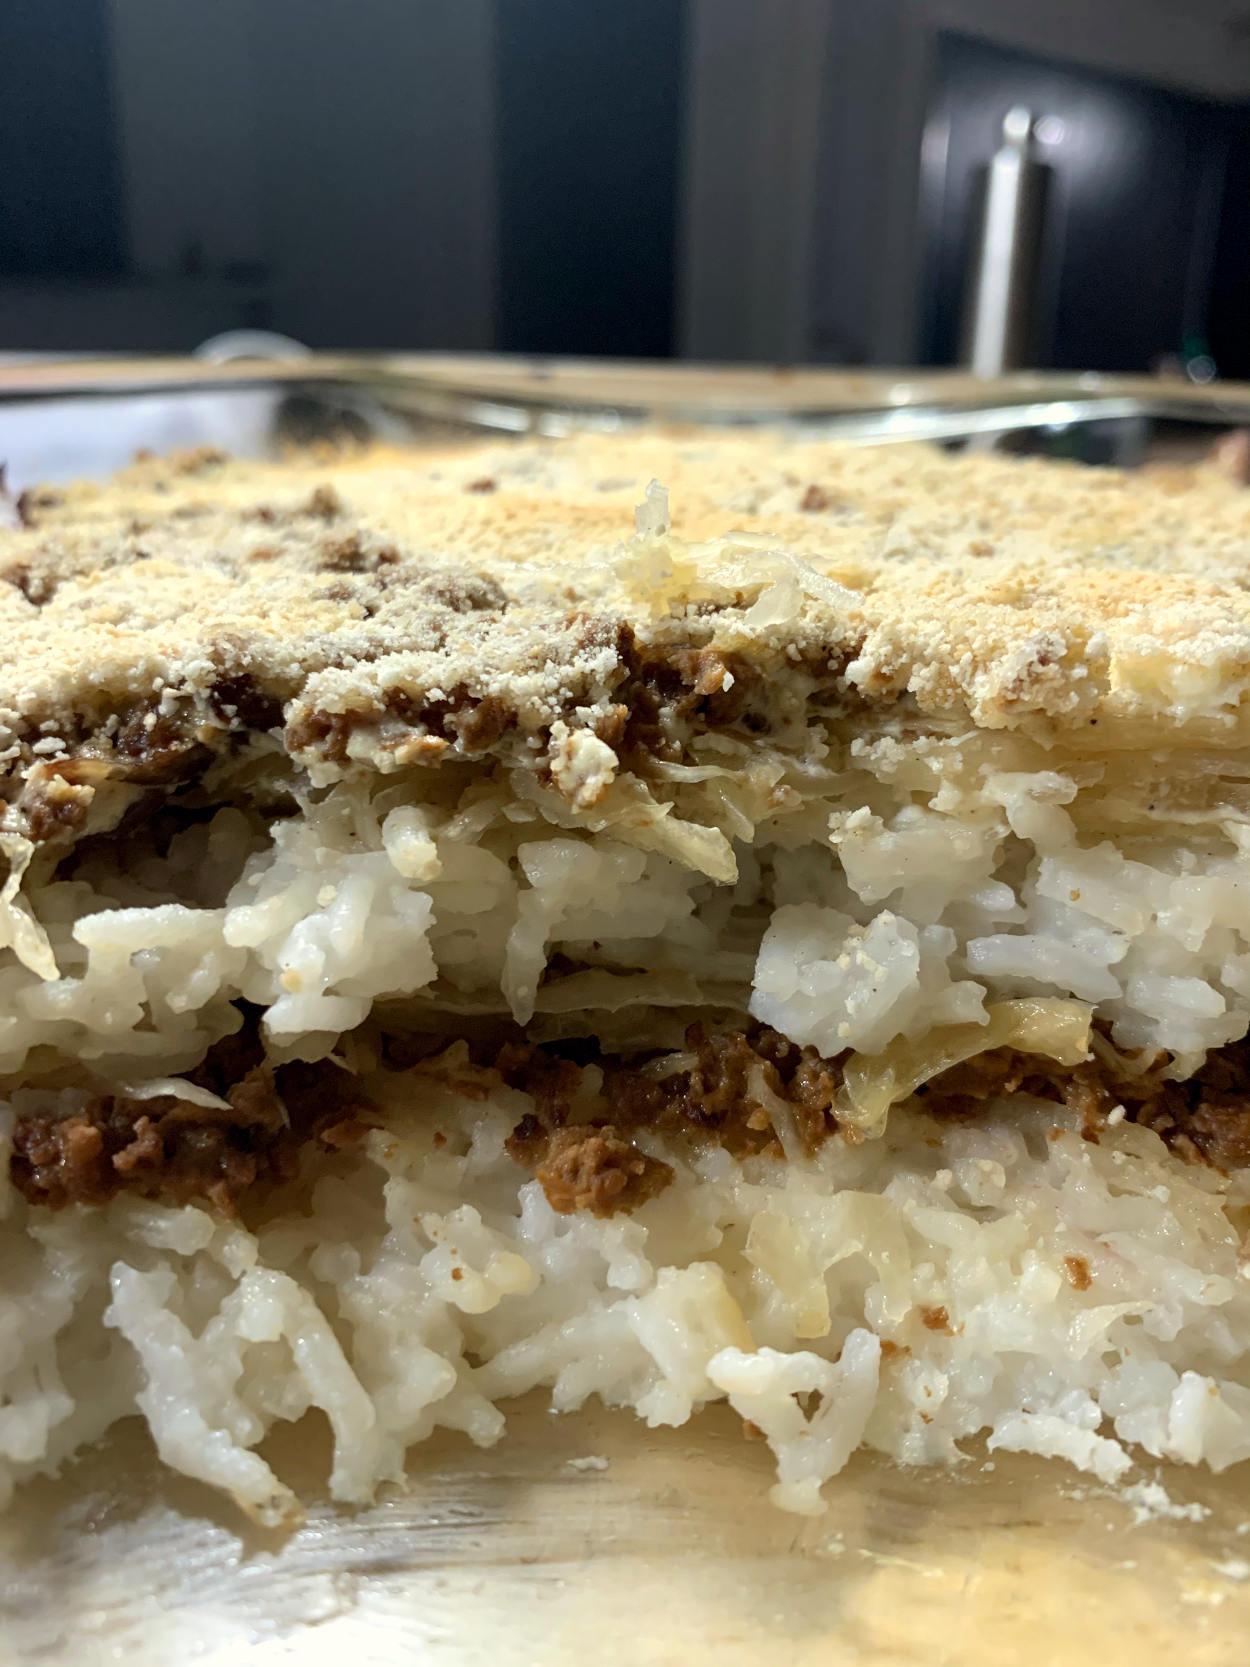 Sauerkrautauflauf, geschichten: Reis, Sauerkraut, Hack. Obendrauf Paniermehl.